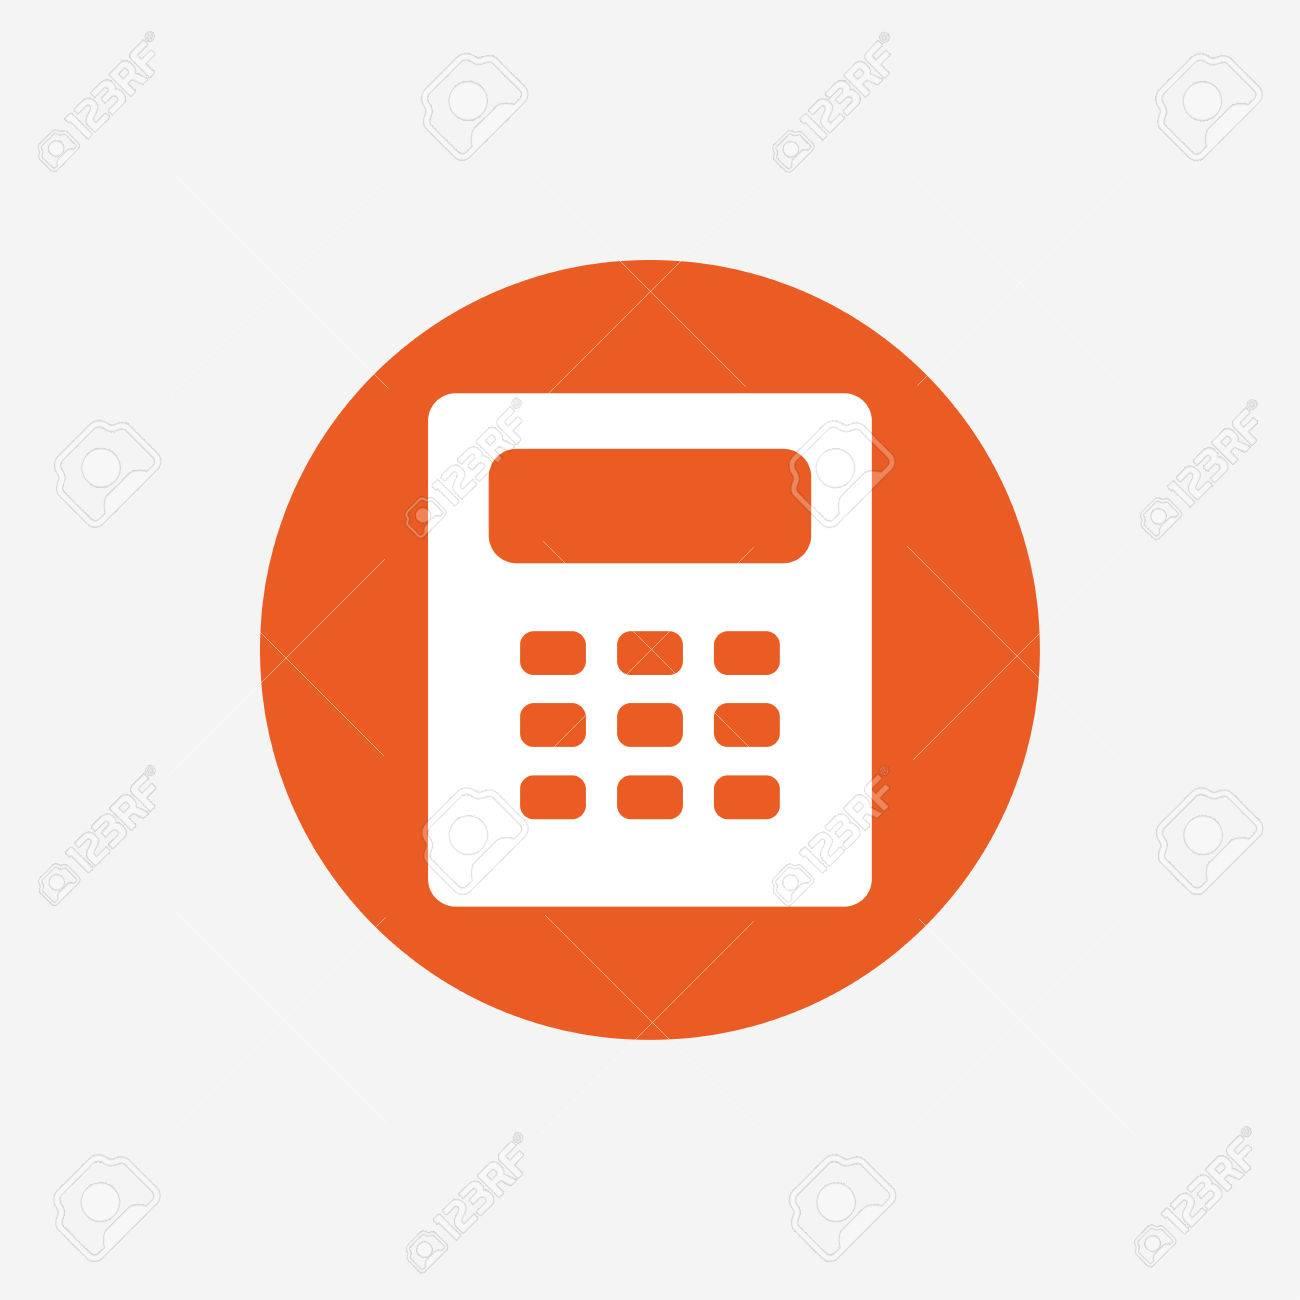 Icono De La Muestra De La Calculadora. Símbolo De La Contabilidad ...